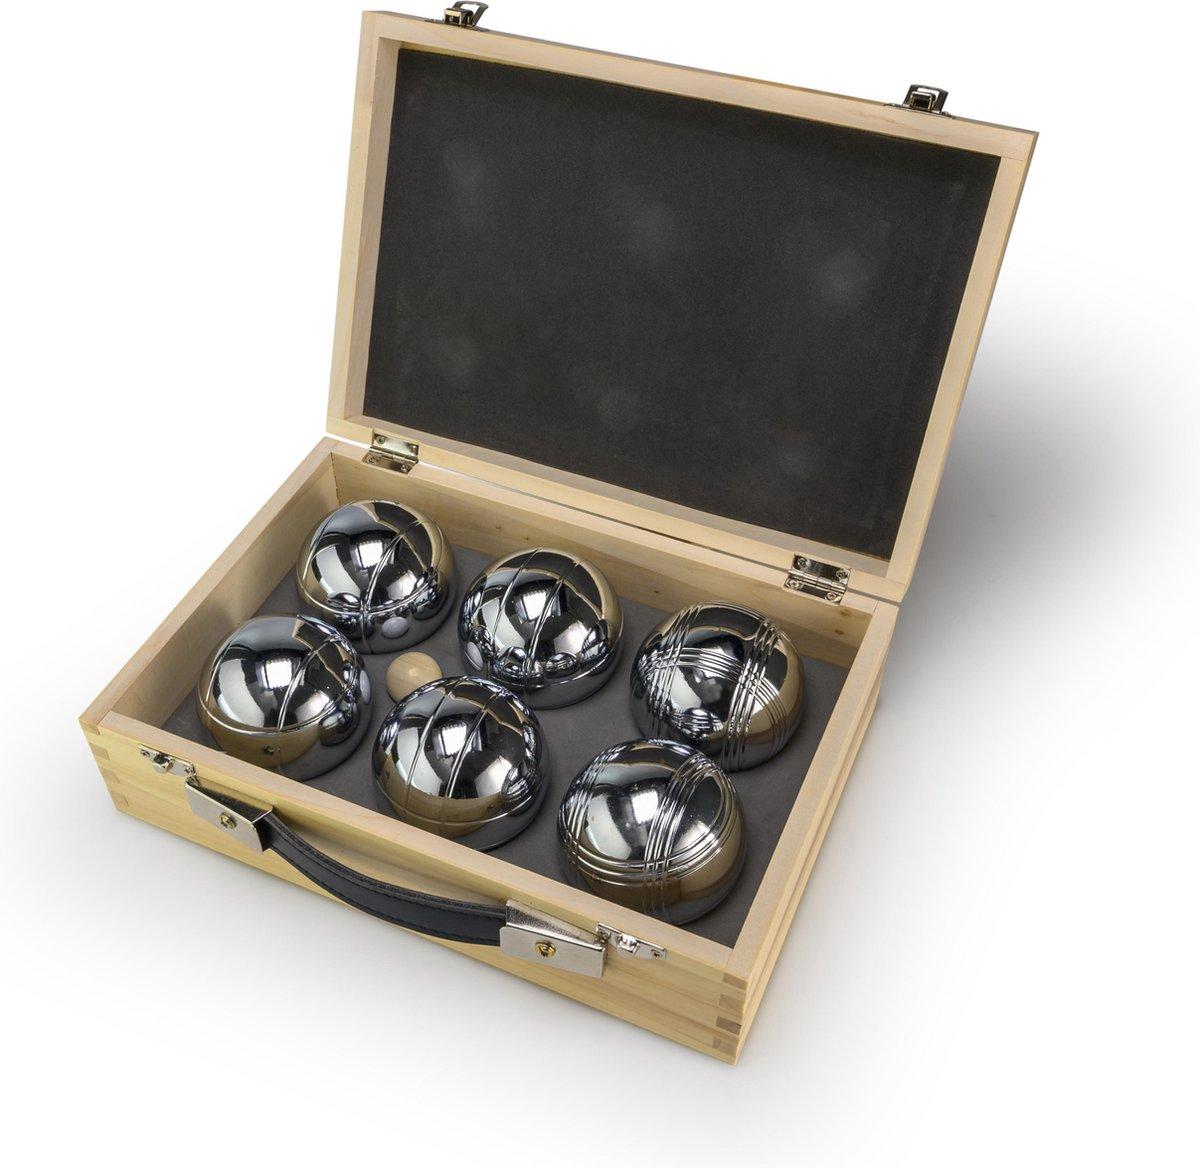 Jeu de Boules (Pétanque) in een houten doos